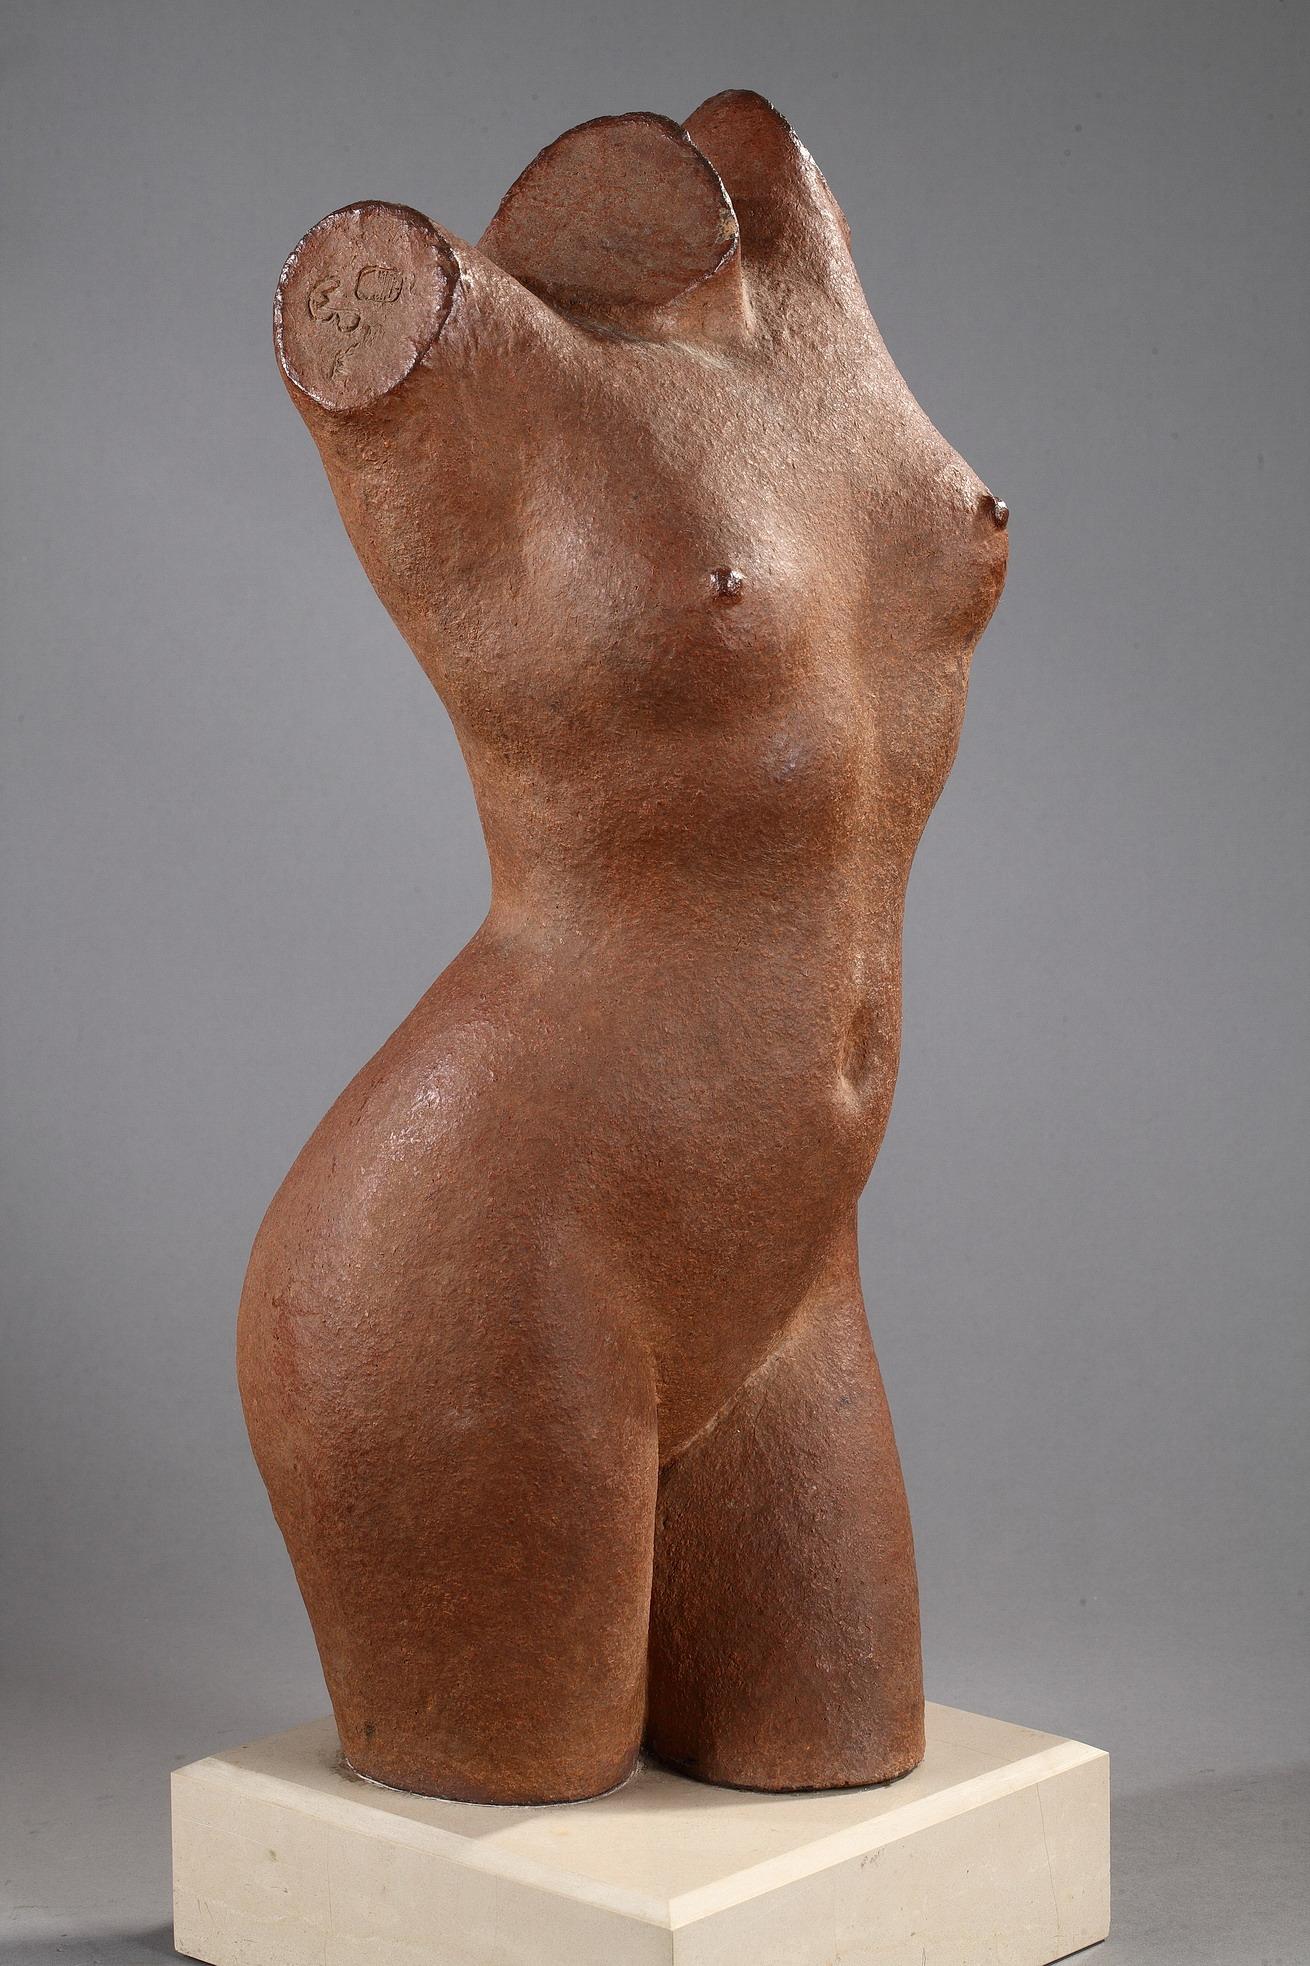 Marcel Gimond (1894-1961), Torse de Jeune Femme, grès chamotté, socle en marbre, Manufacture de Sèvres, haut. totale 54,5 cm, sculptures - galerie Tourbillon, Paris